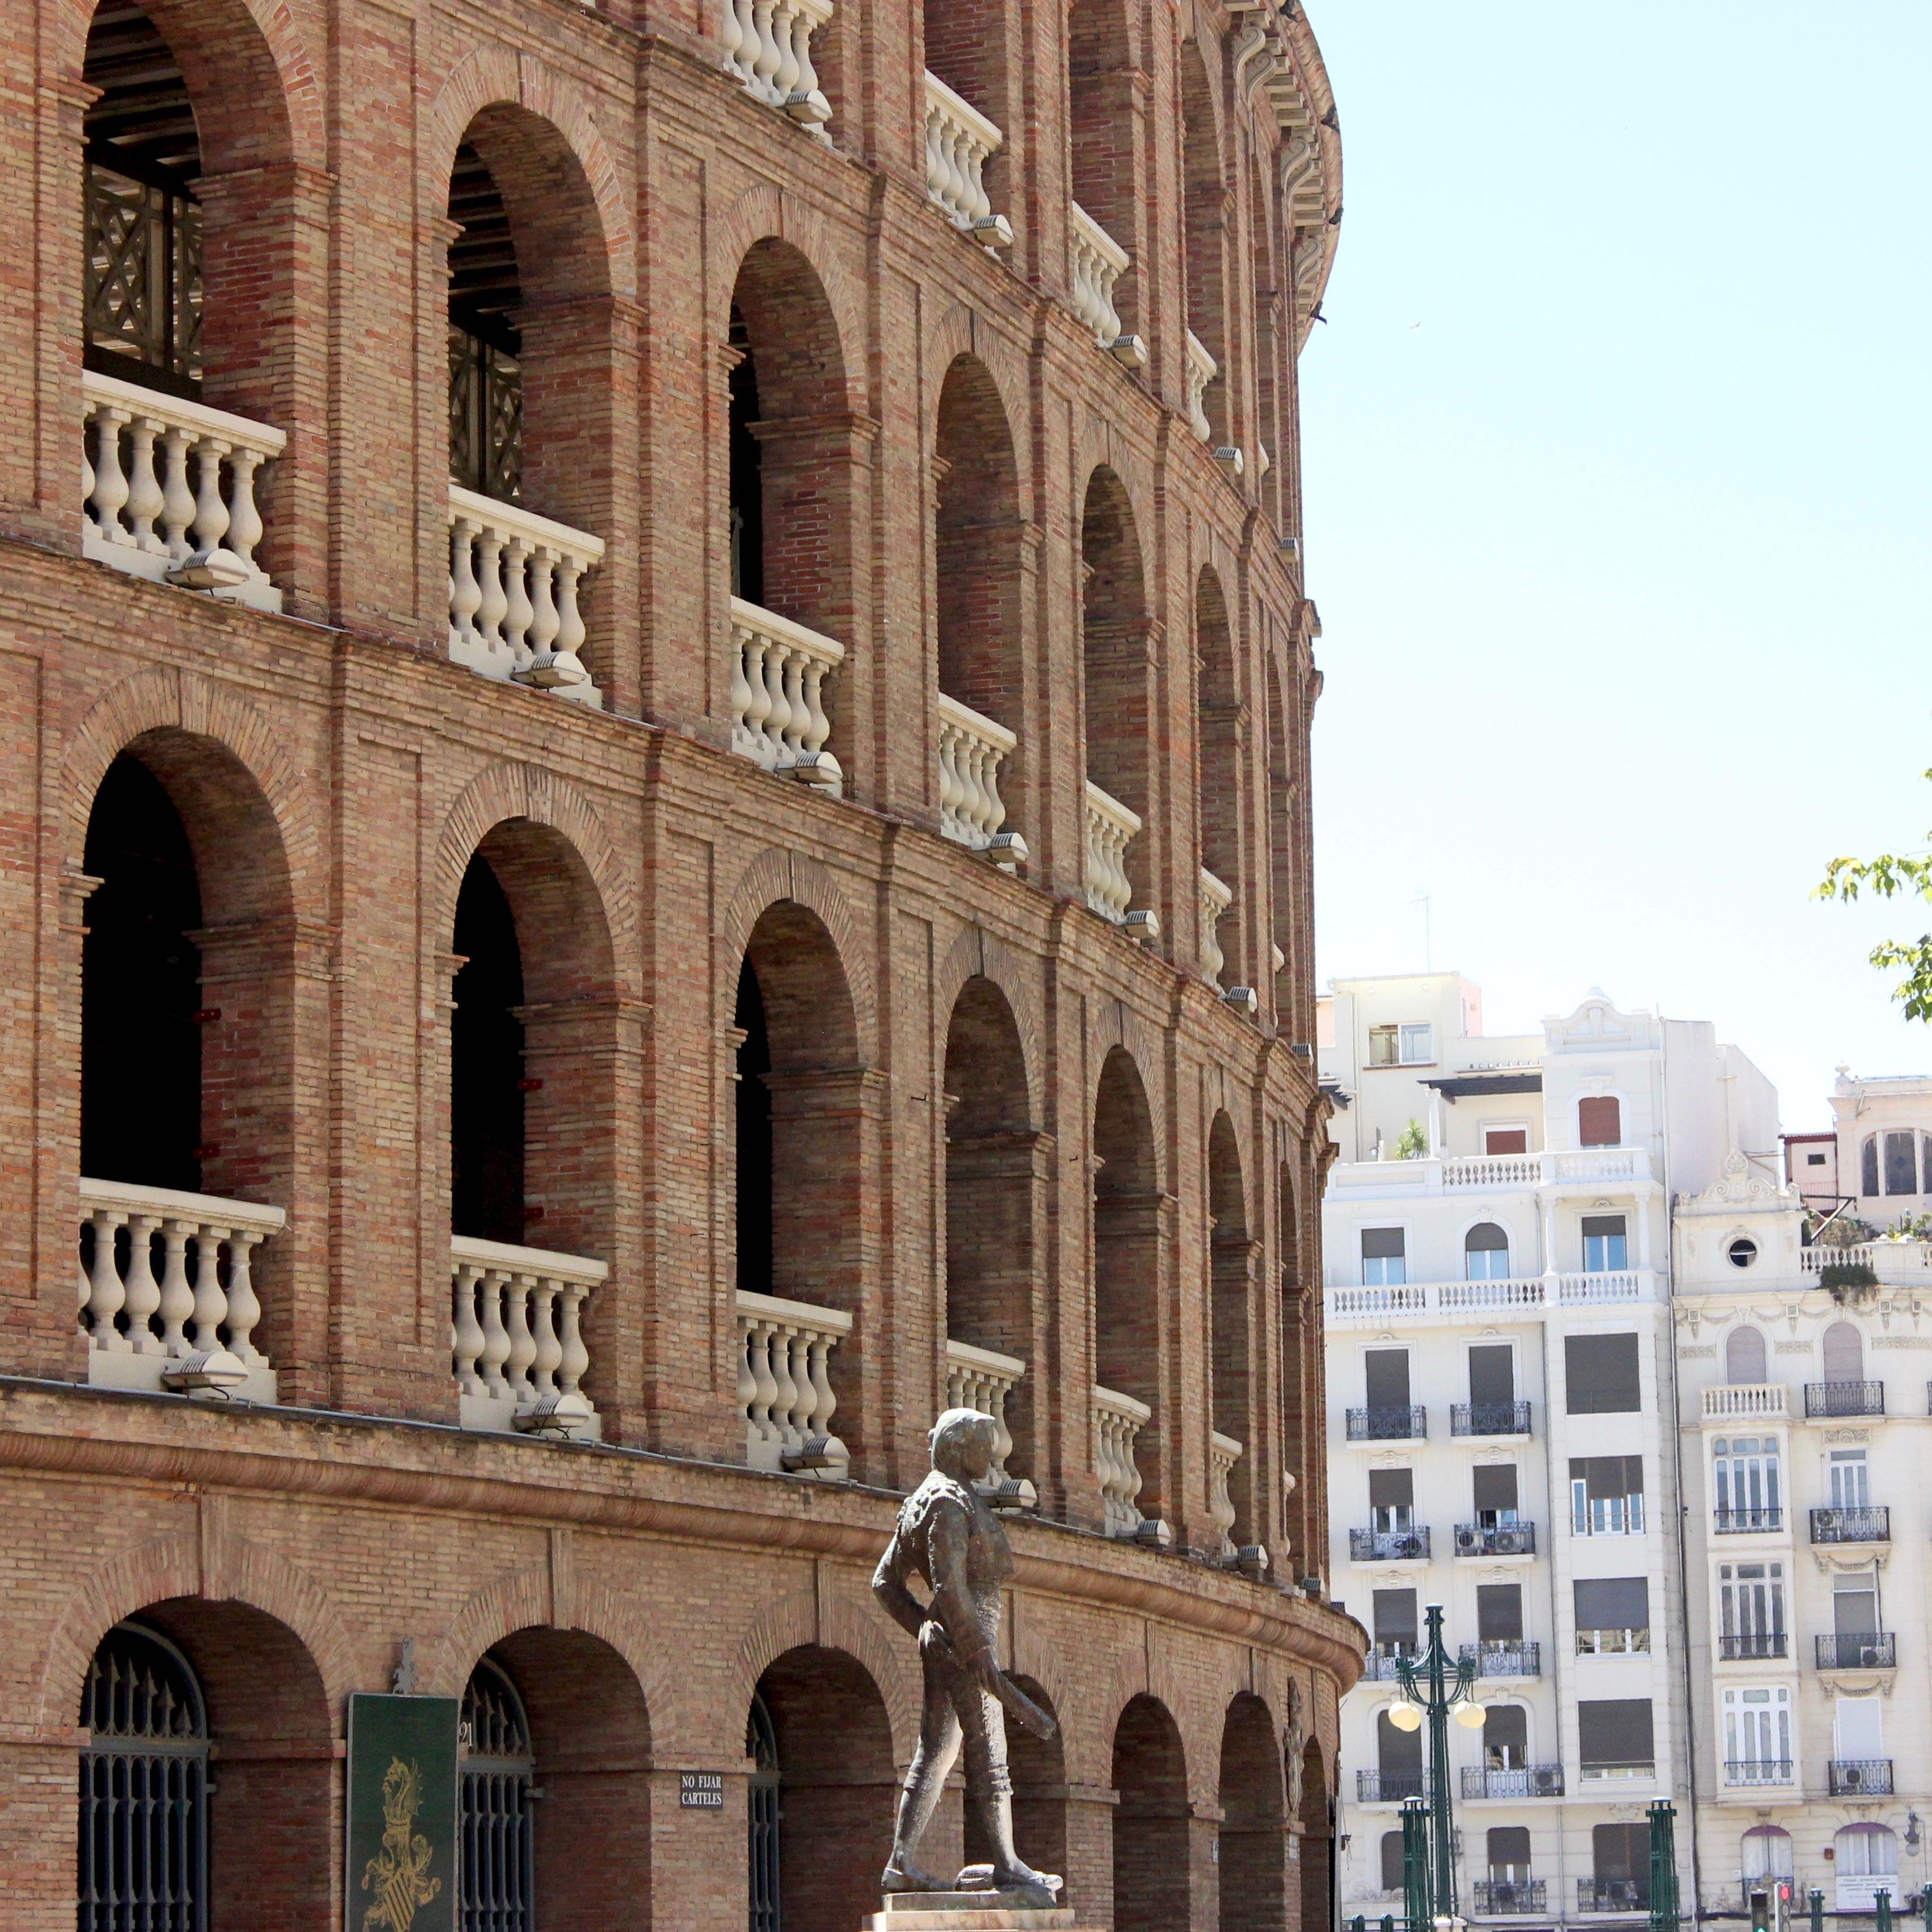 Valencia, Spain28